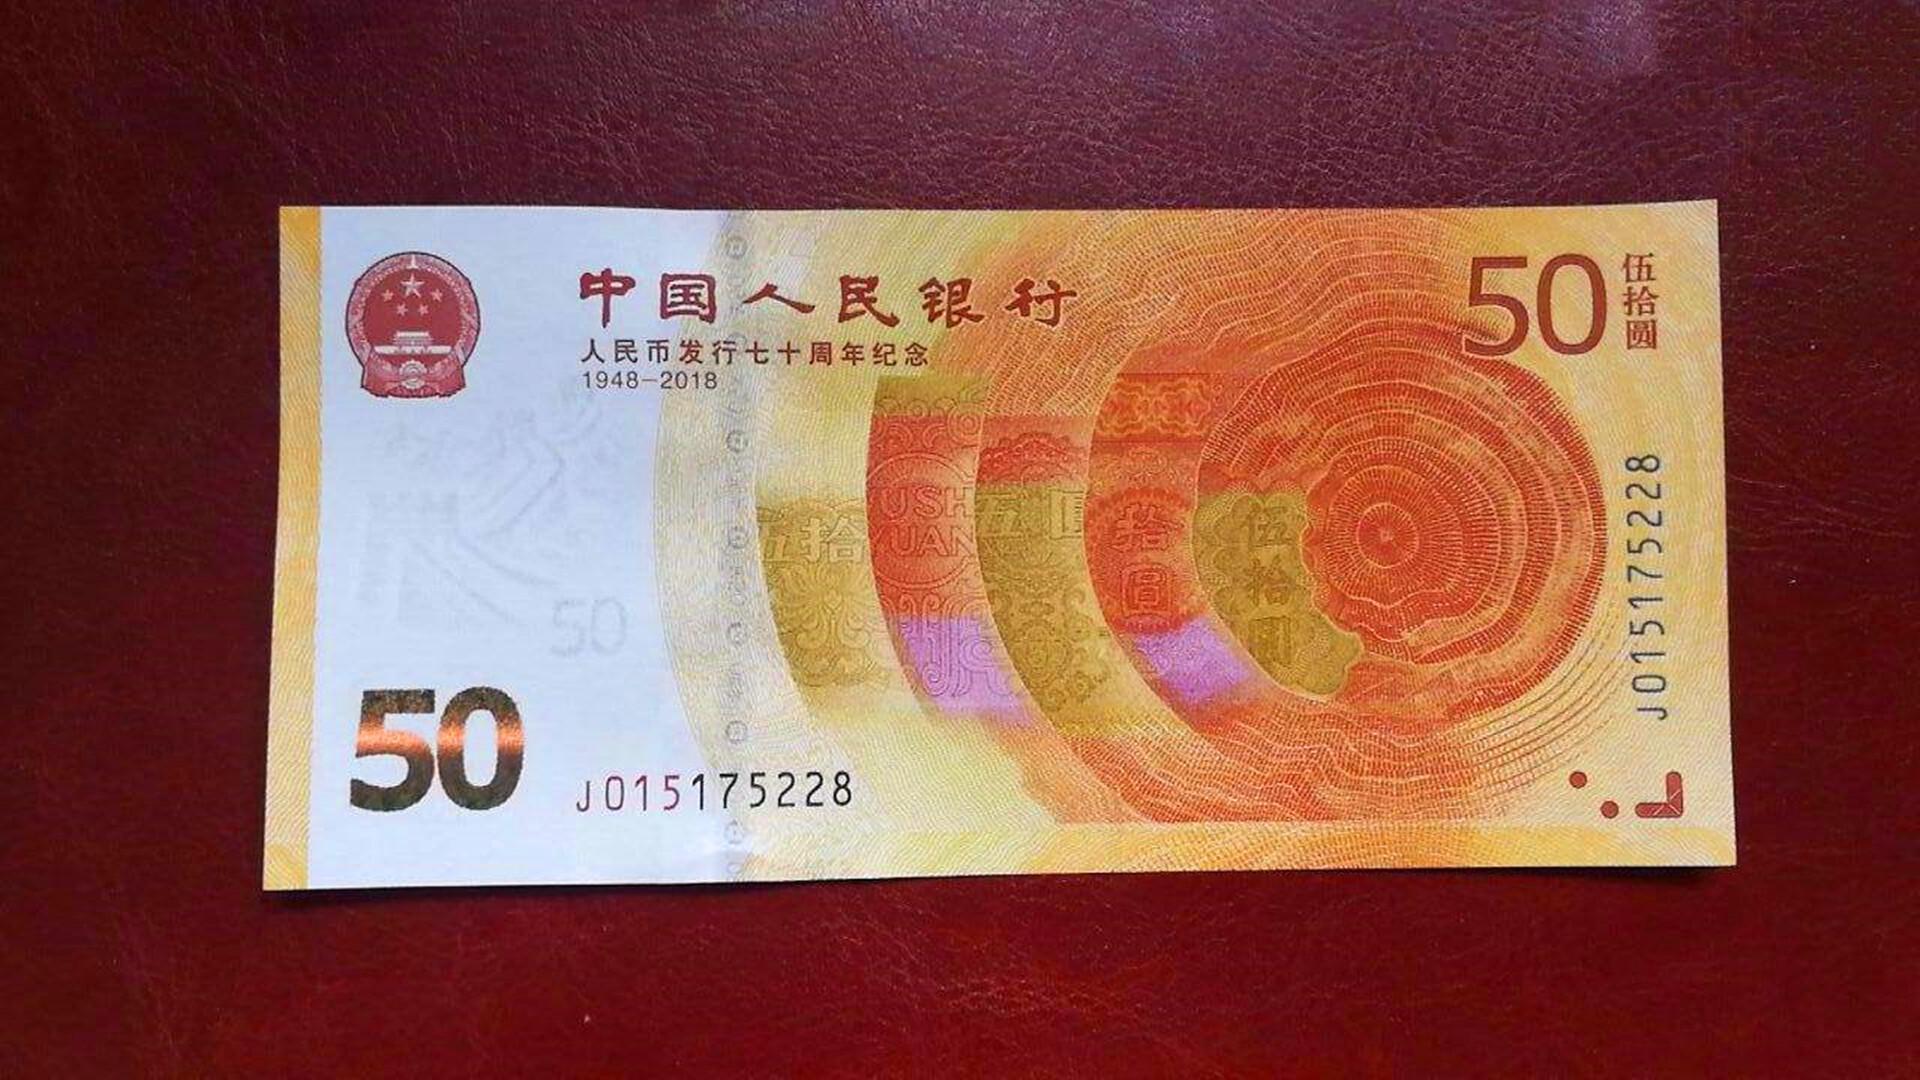 2018年发行的70周年纪念钞,现在一张能值多少钱?别随便花掉!